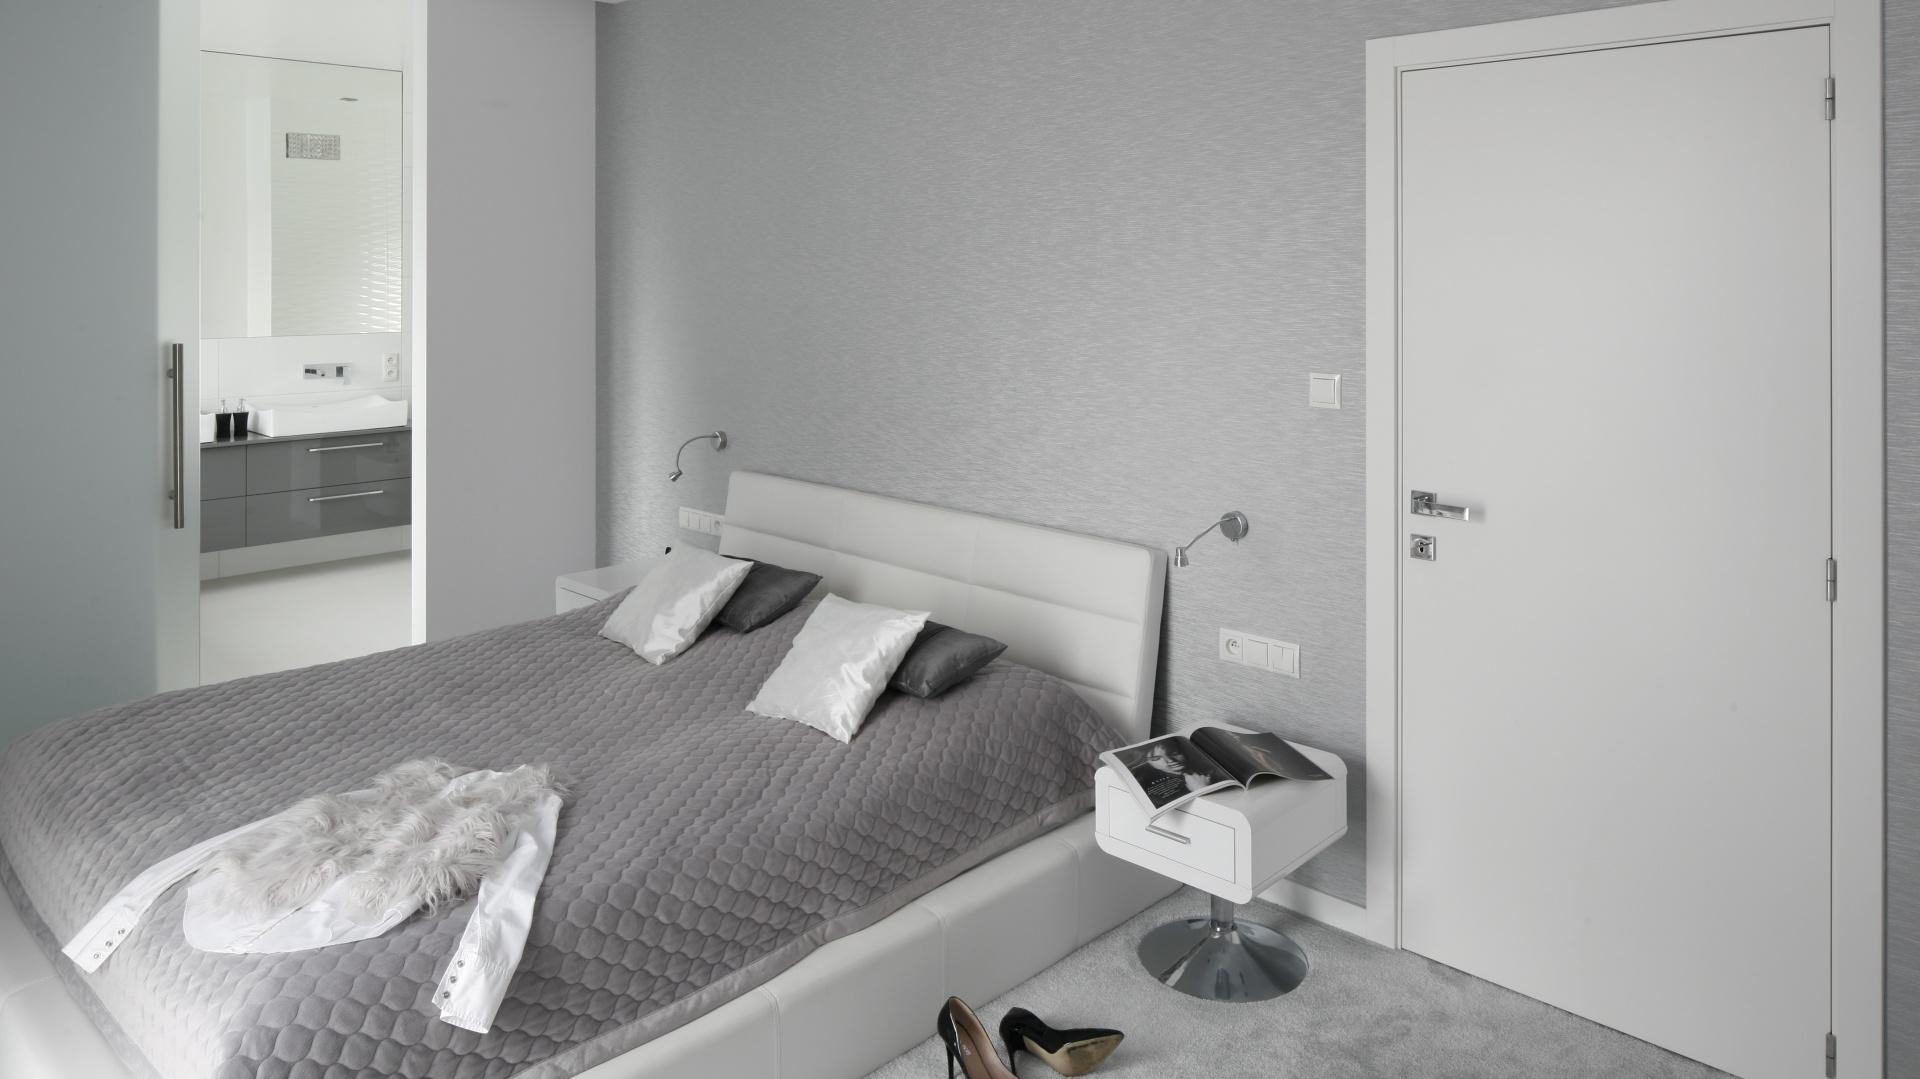 Szarości i biel to doskonale zgrany duet. Dzięki takiemu połączeniu, sypialnia będzie jasna, nowoczesna, ale też przytulna. Projekt: Katarzyna Mikulska-Sękalska. Fot. Bartosz Jarosz.